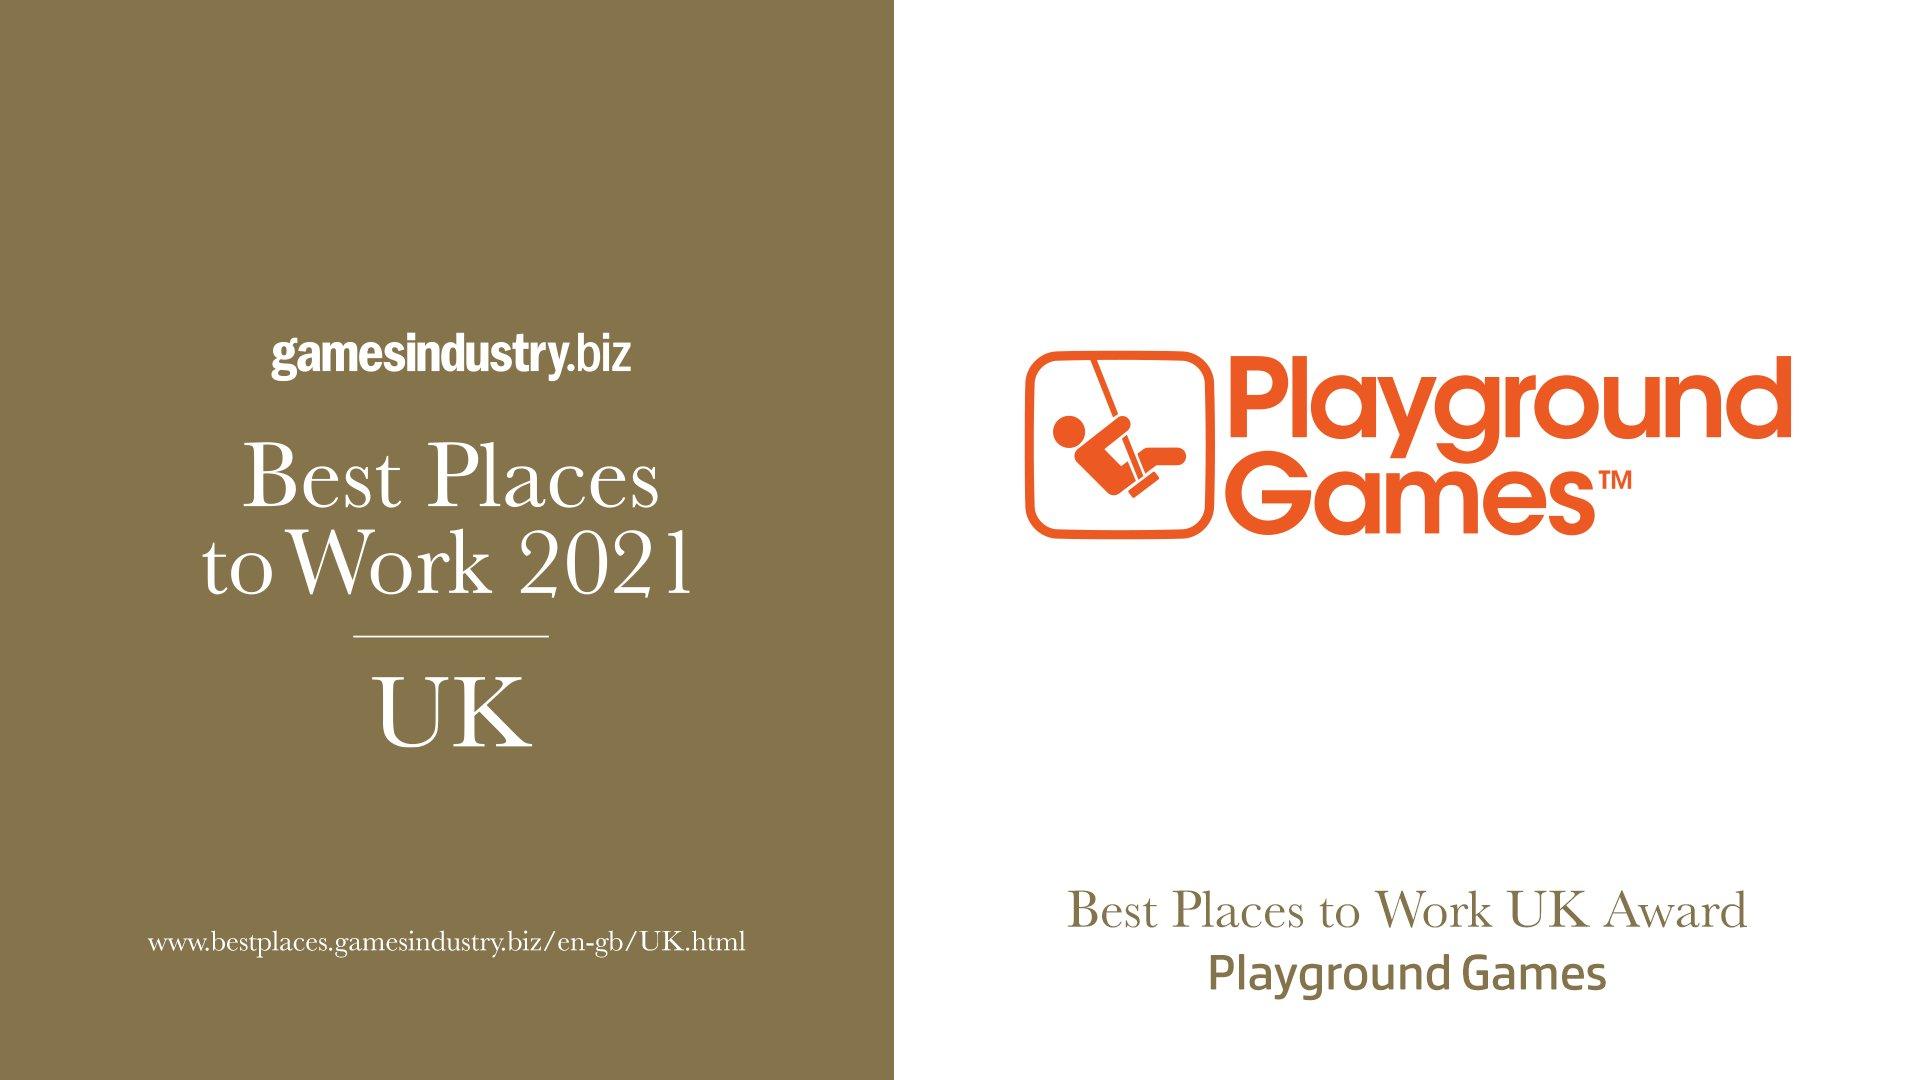 Playground Games в списке лучших английских компаний игровой индустрии